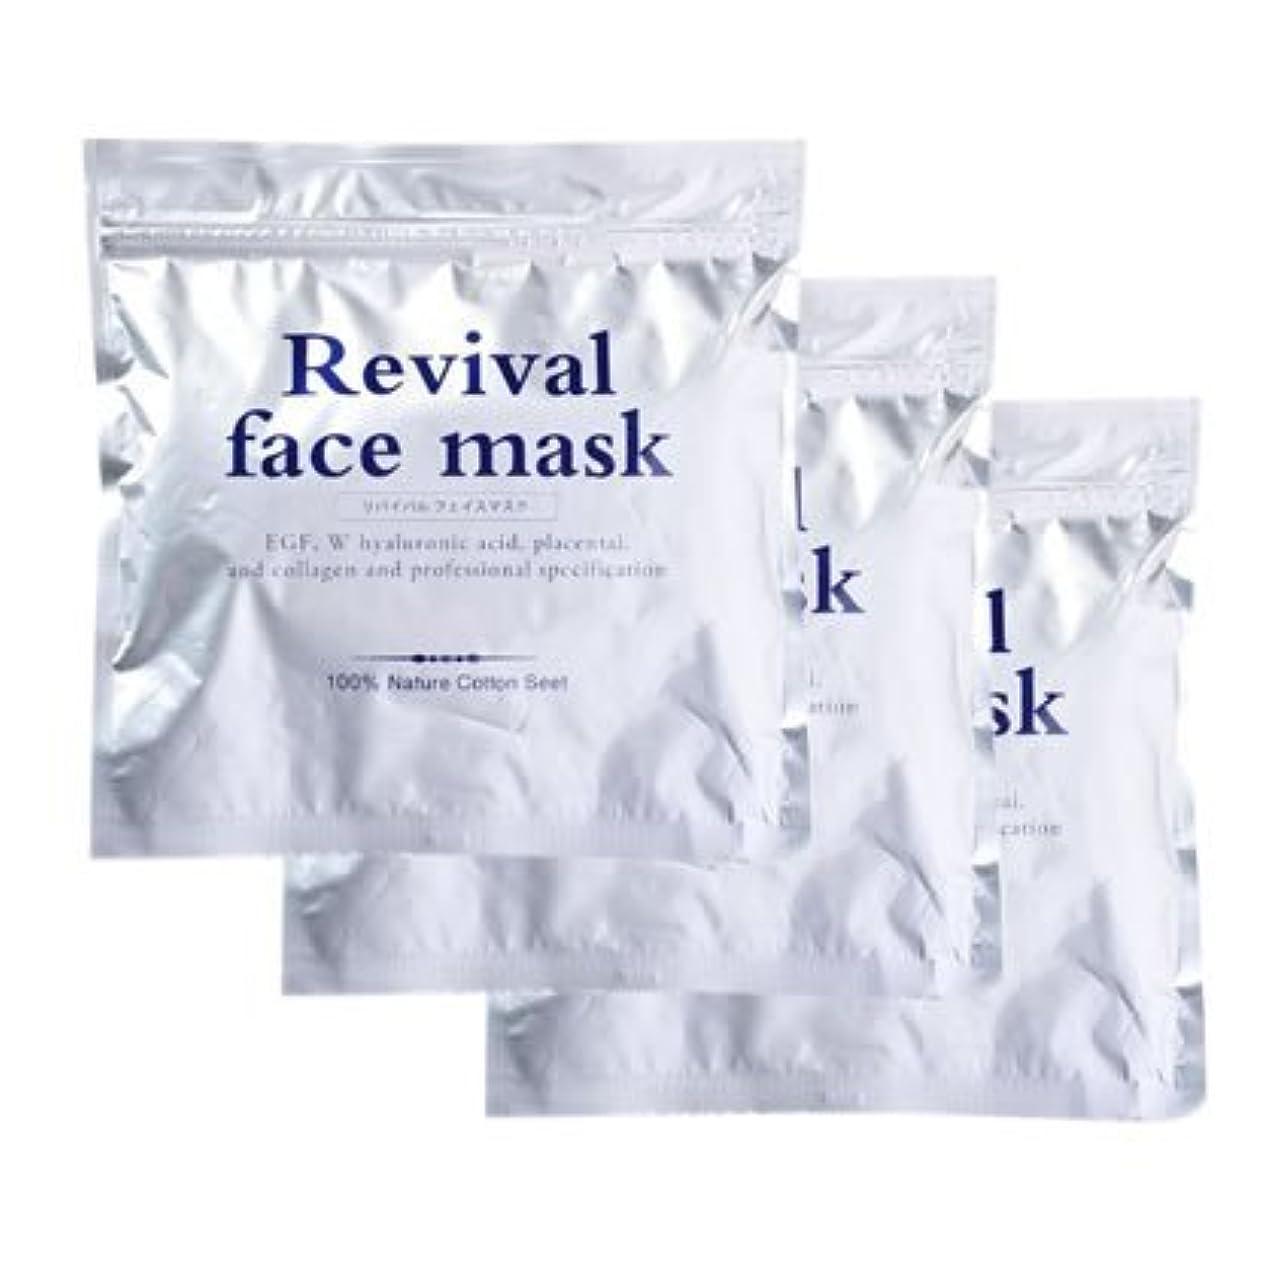 属性納税者マークリバイバルフェイスマスク 90枚セット(30枚×3袋)